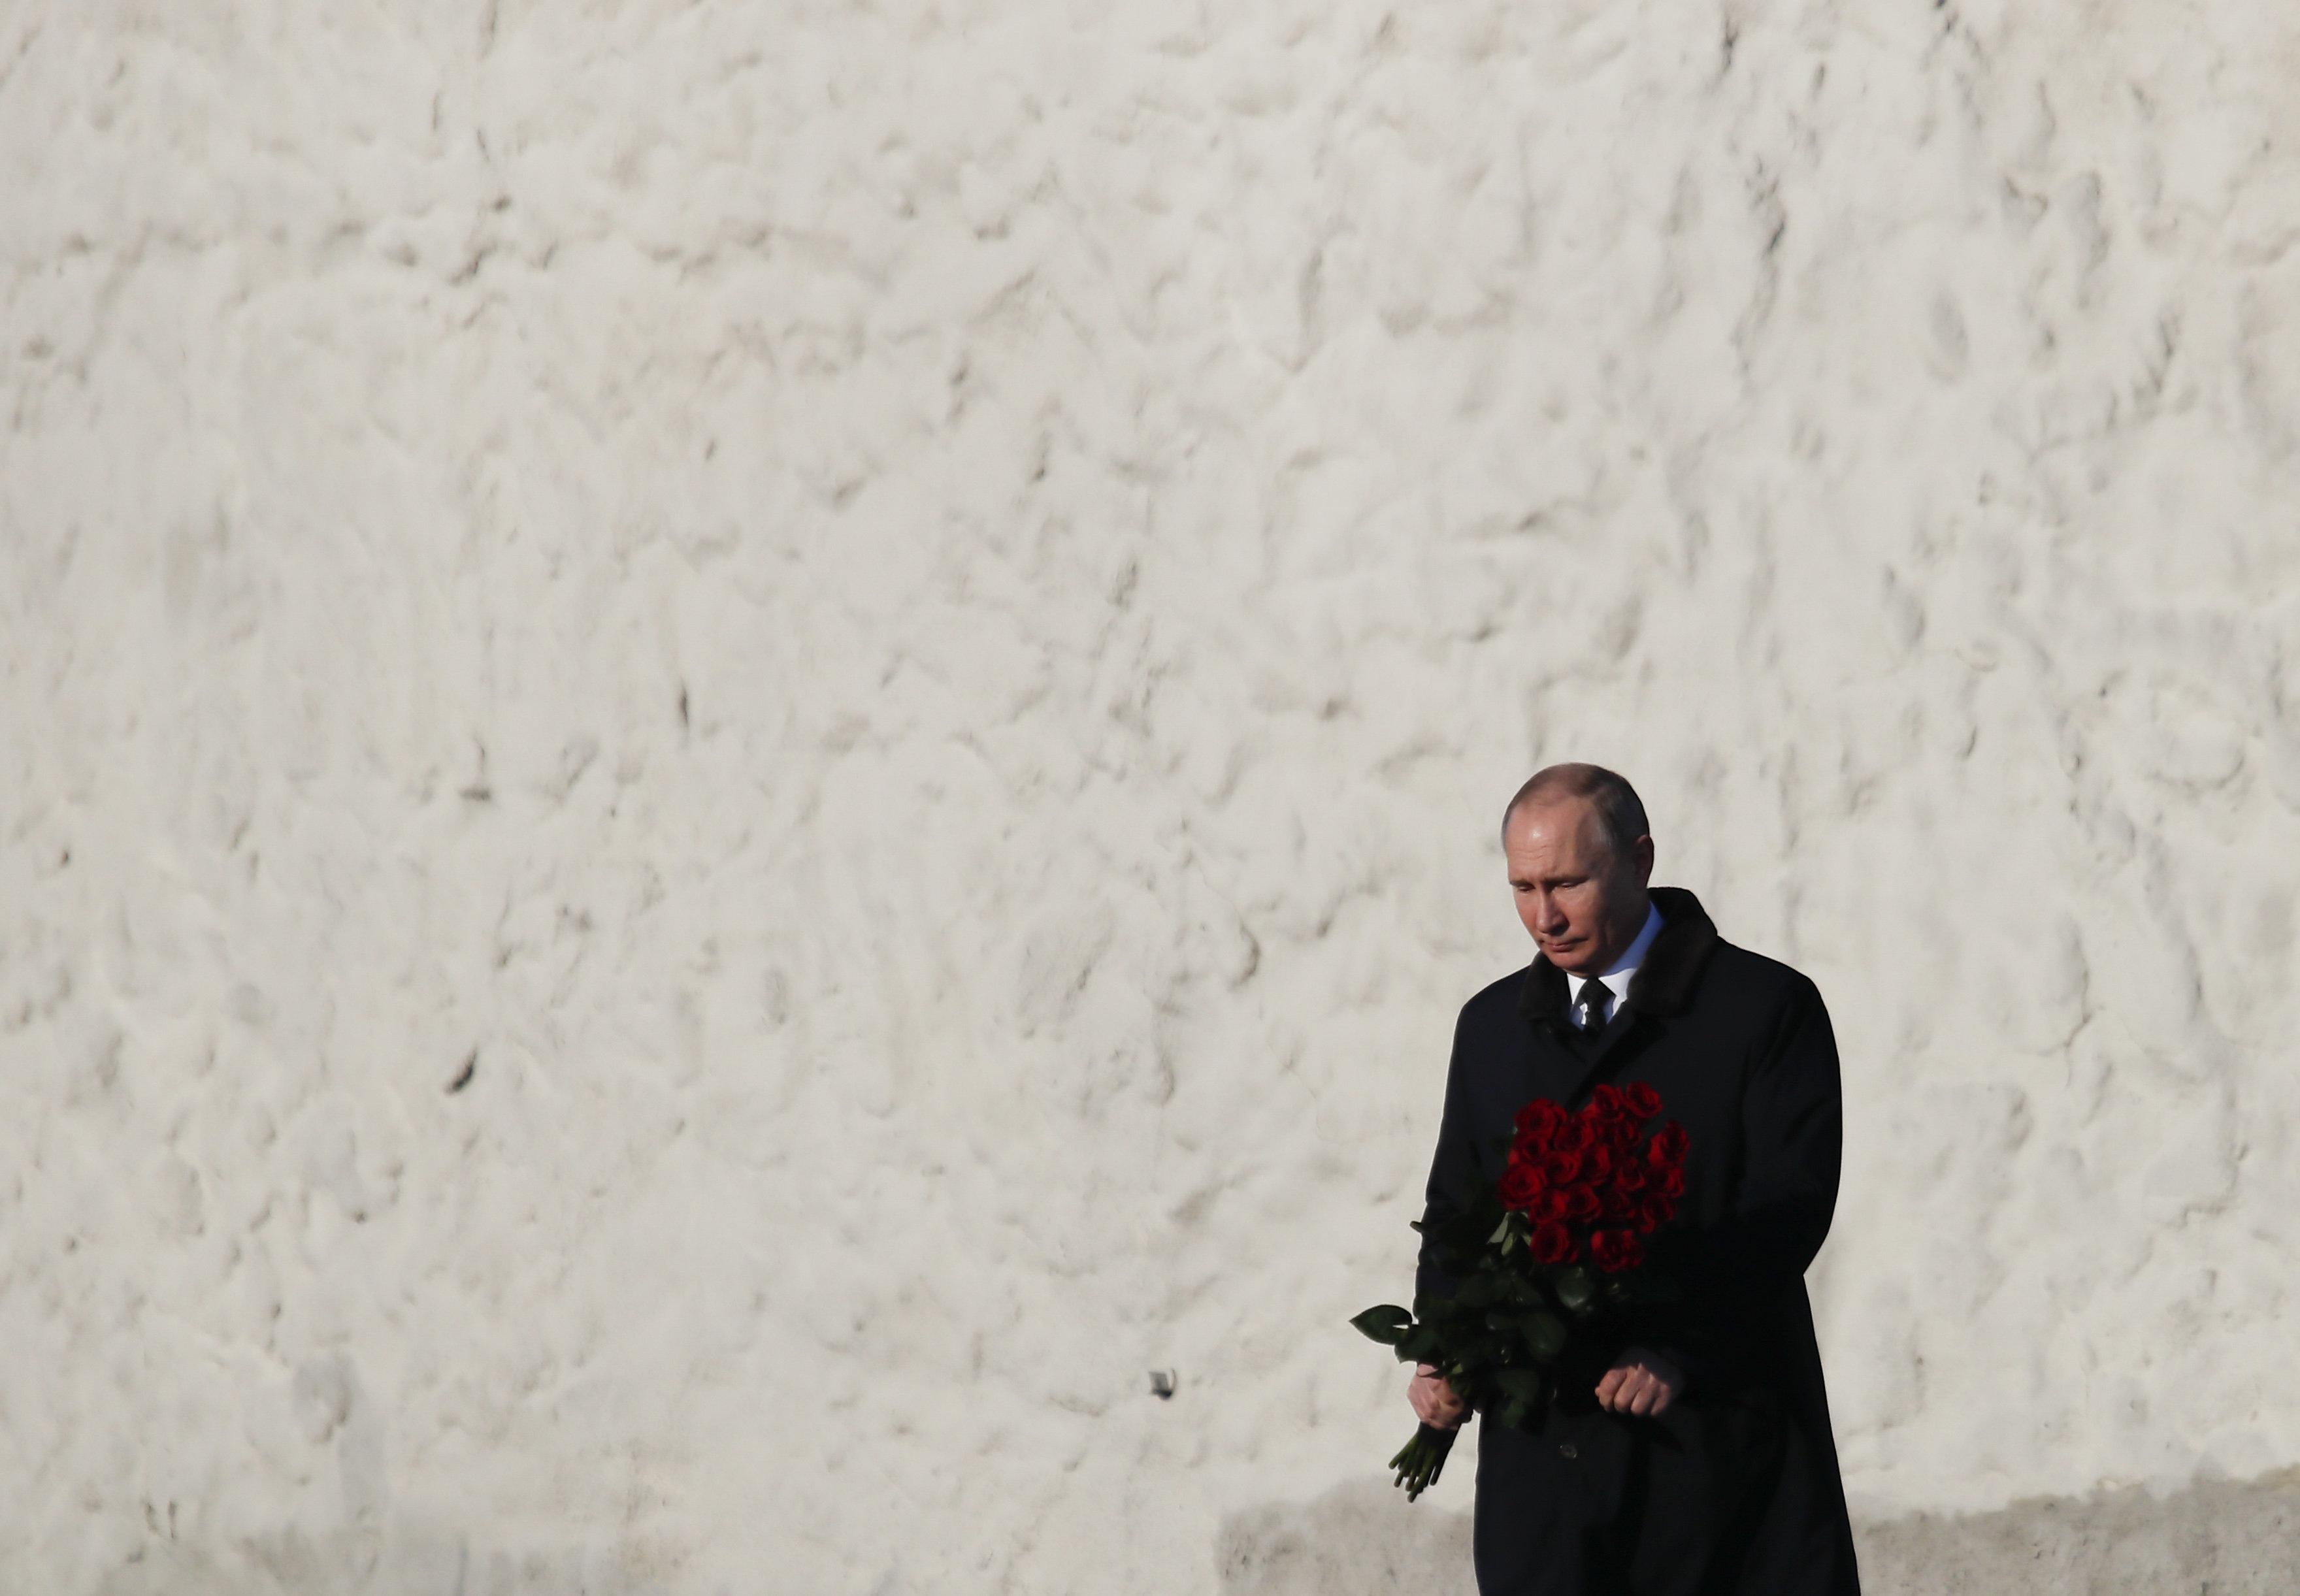 Blutvergießen von Moskaus Gnaden: Was Putin in Syrien wirklich antreibt